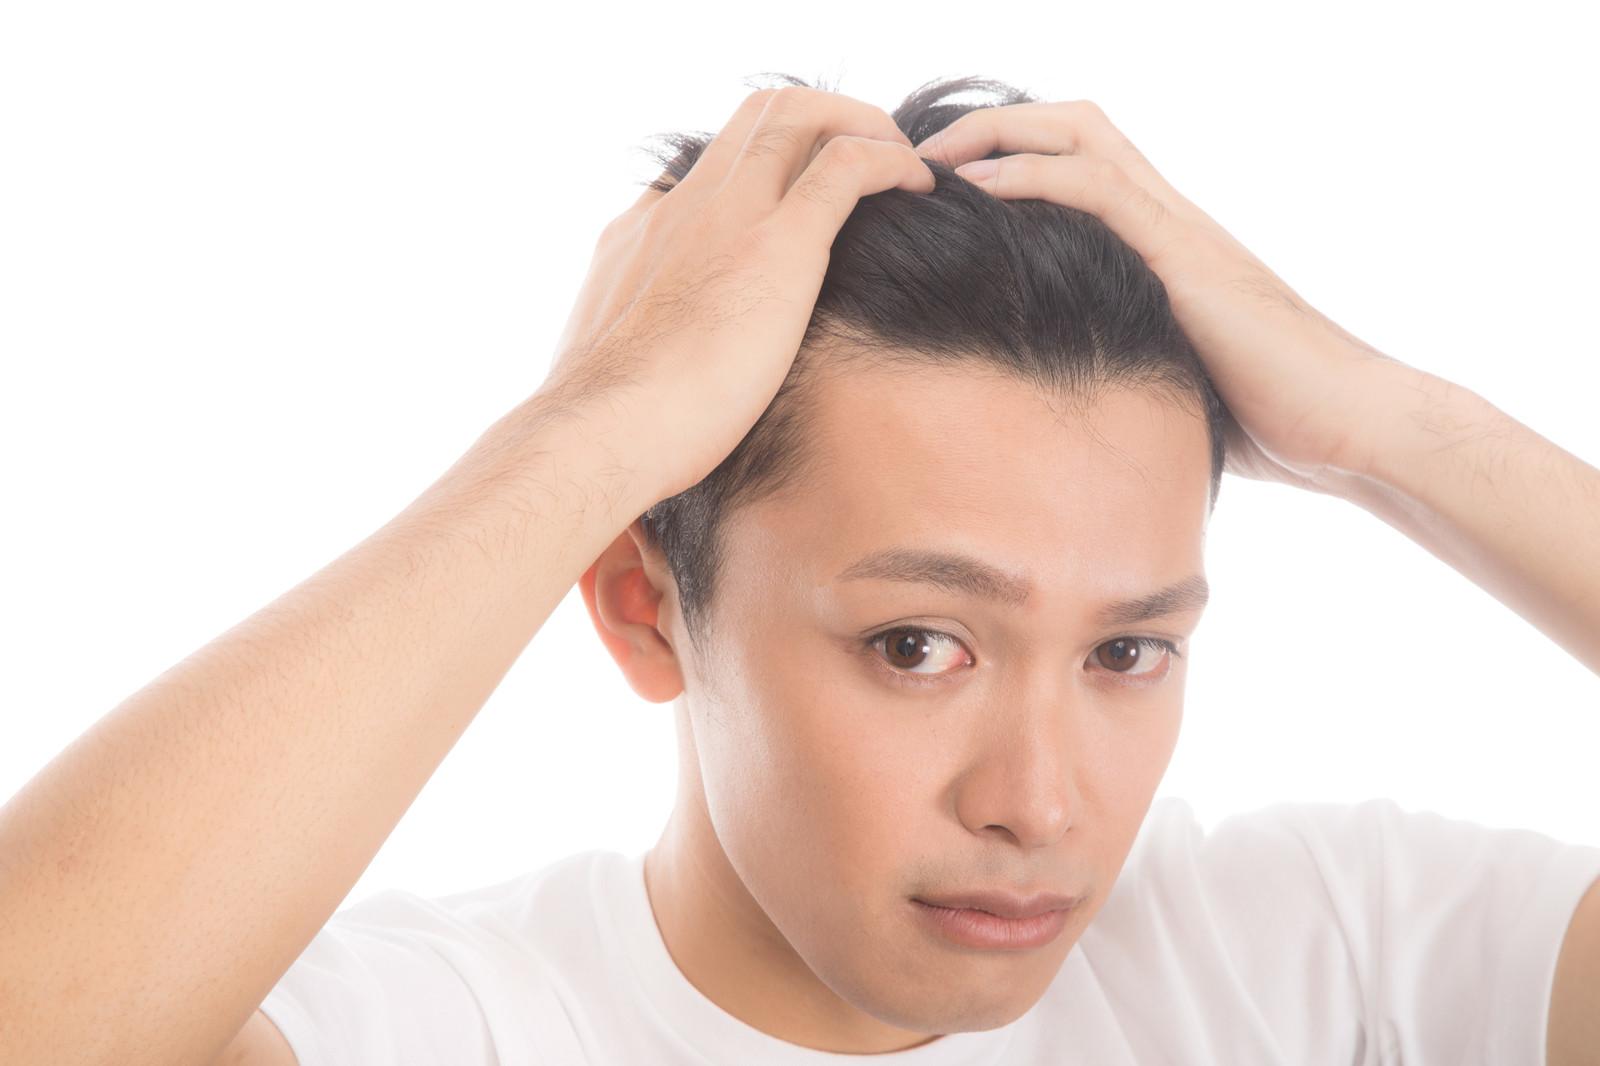 男のコンプレックス代表「ハゲ」や「薄毛」は克服しなくてもモテる